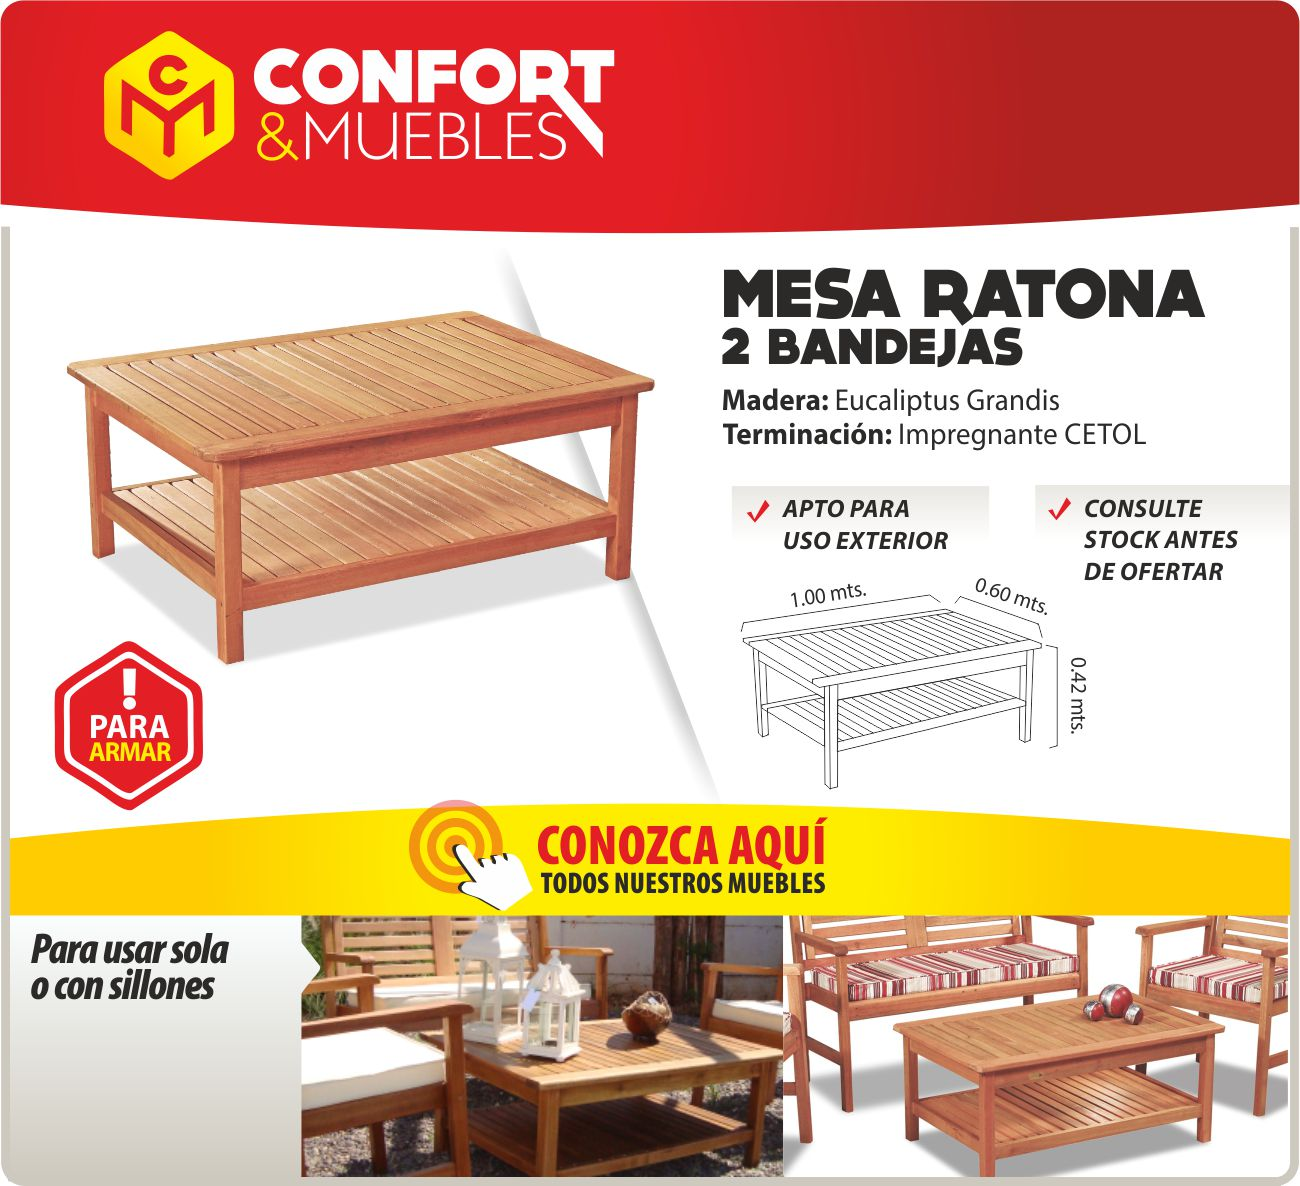 Mesa ratona baja de madera eucalip jard n interior exterior confort y muebles - Confort y muebles ...